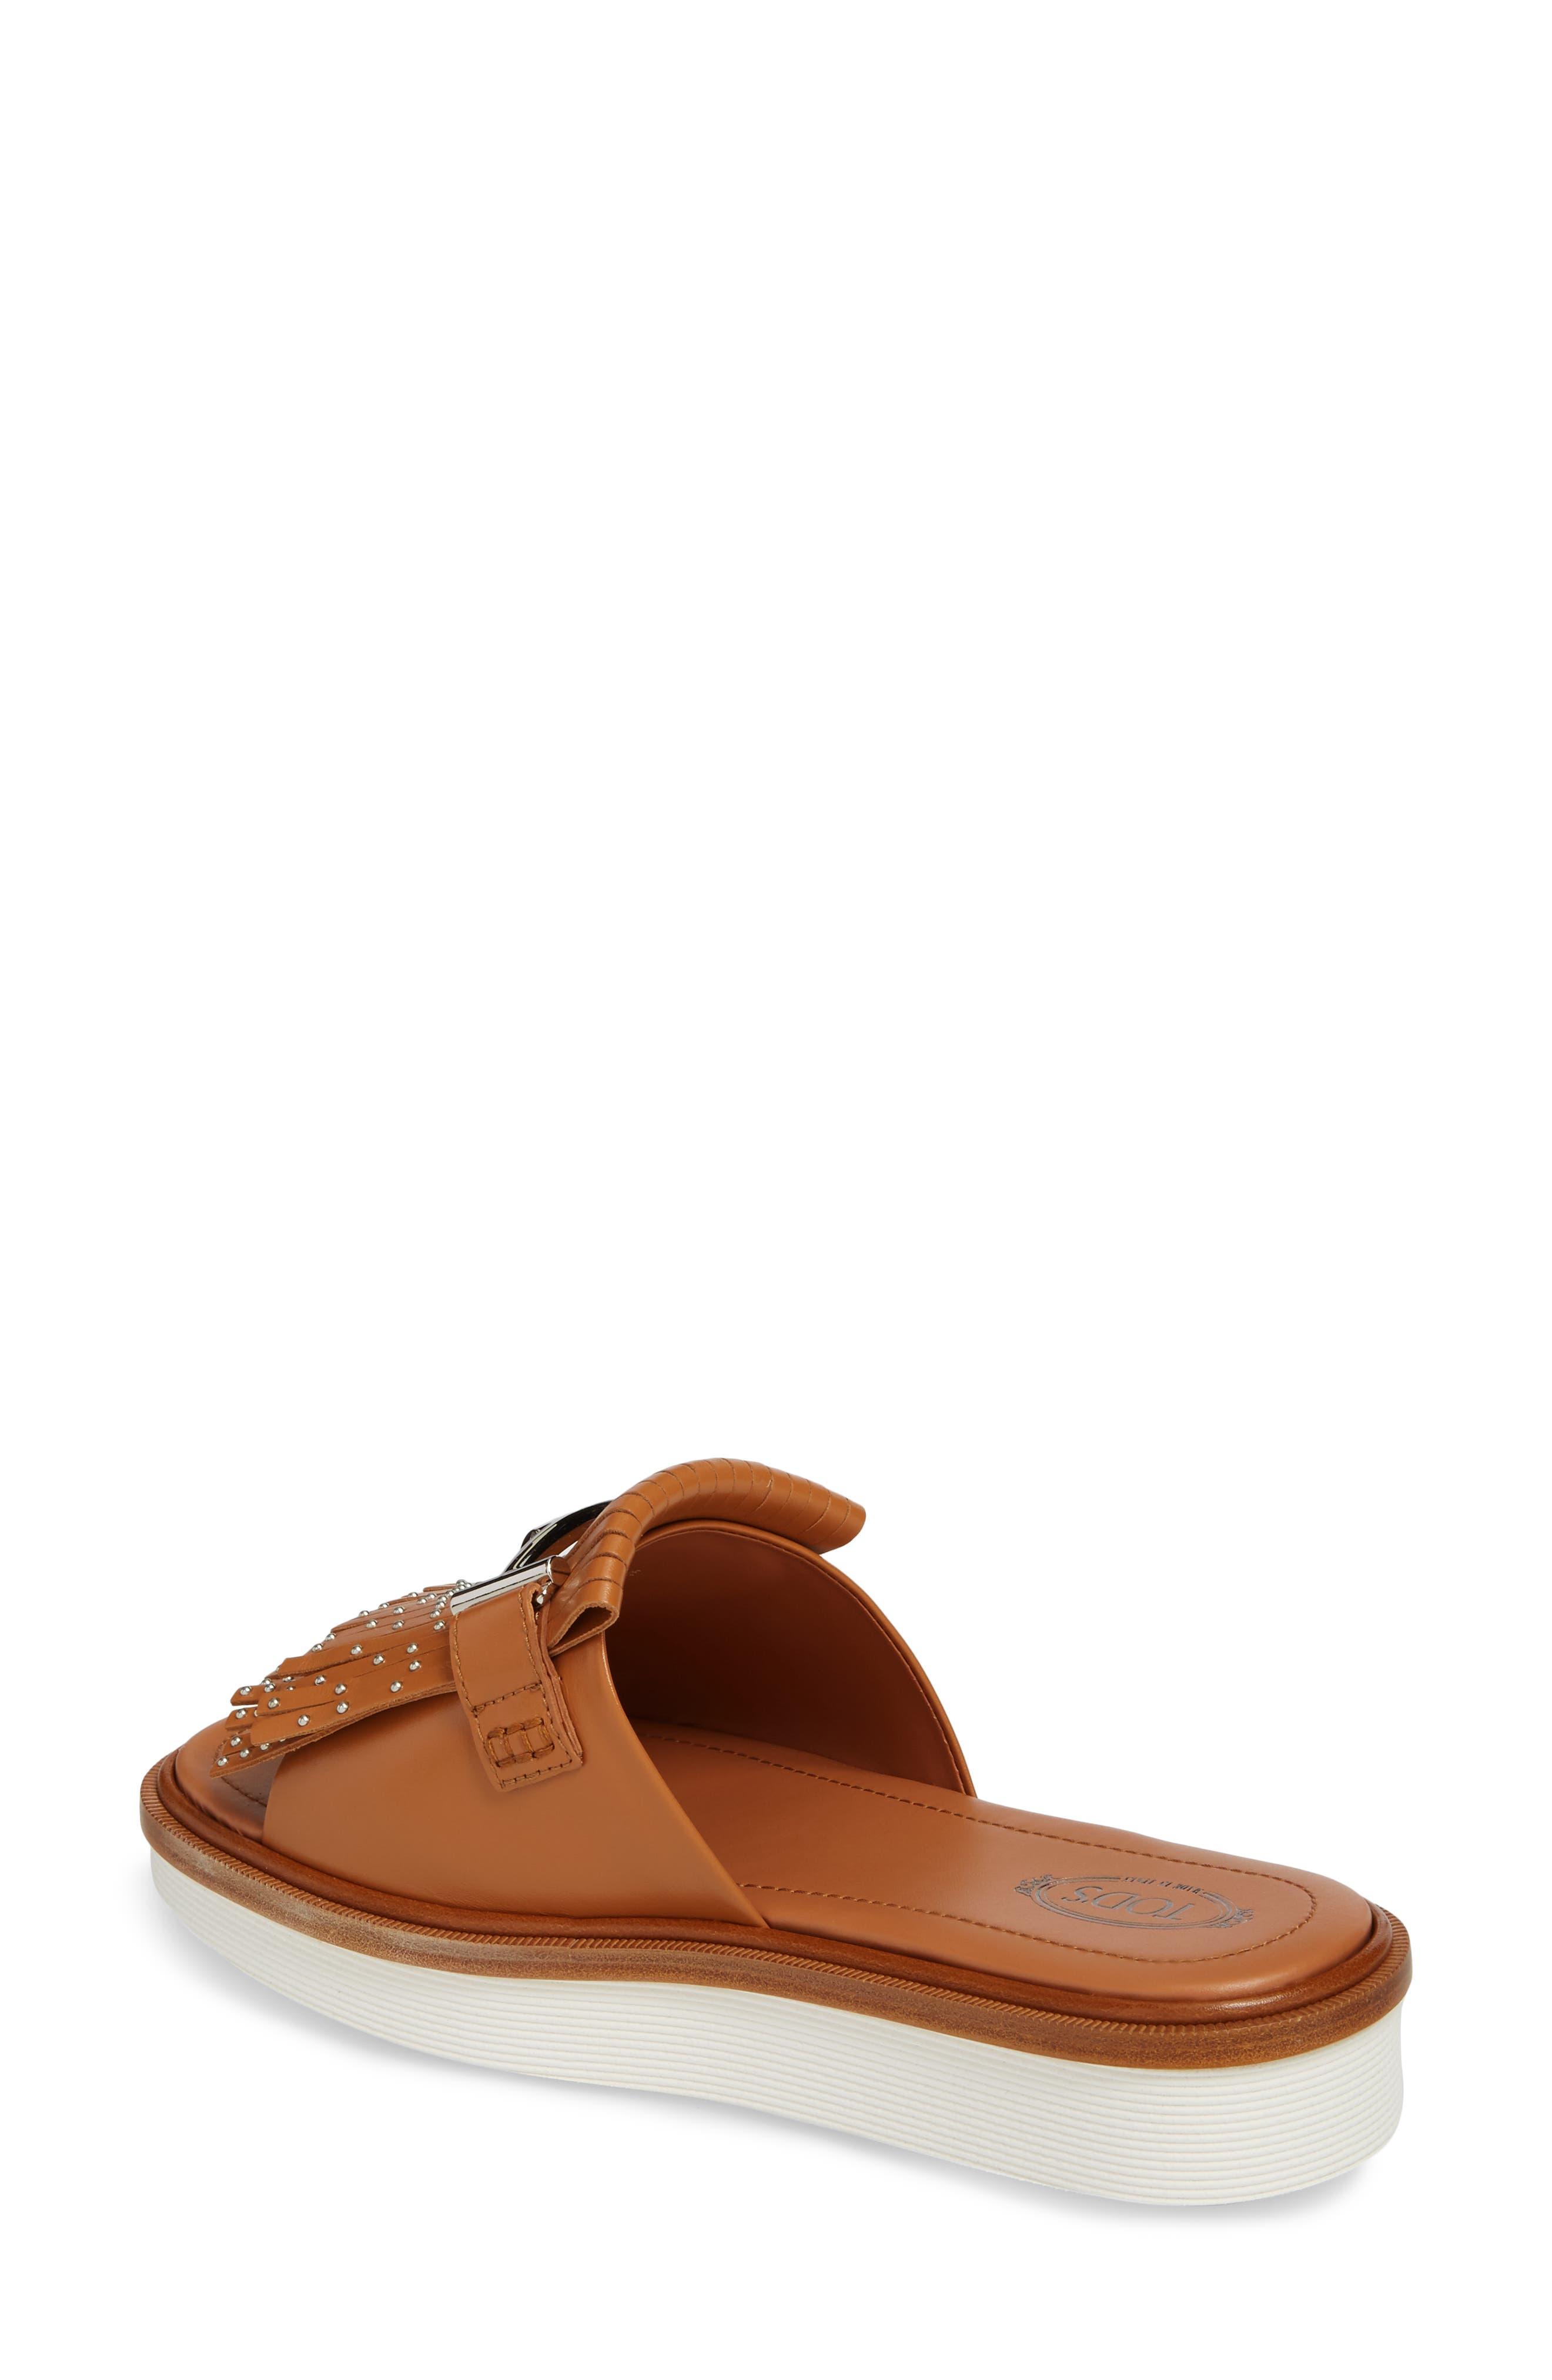 Studded Fringe Slide Sandal,                             Alternate thumbnail 6, color,